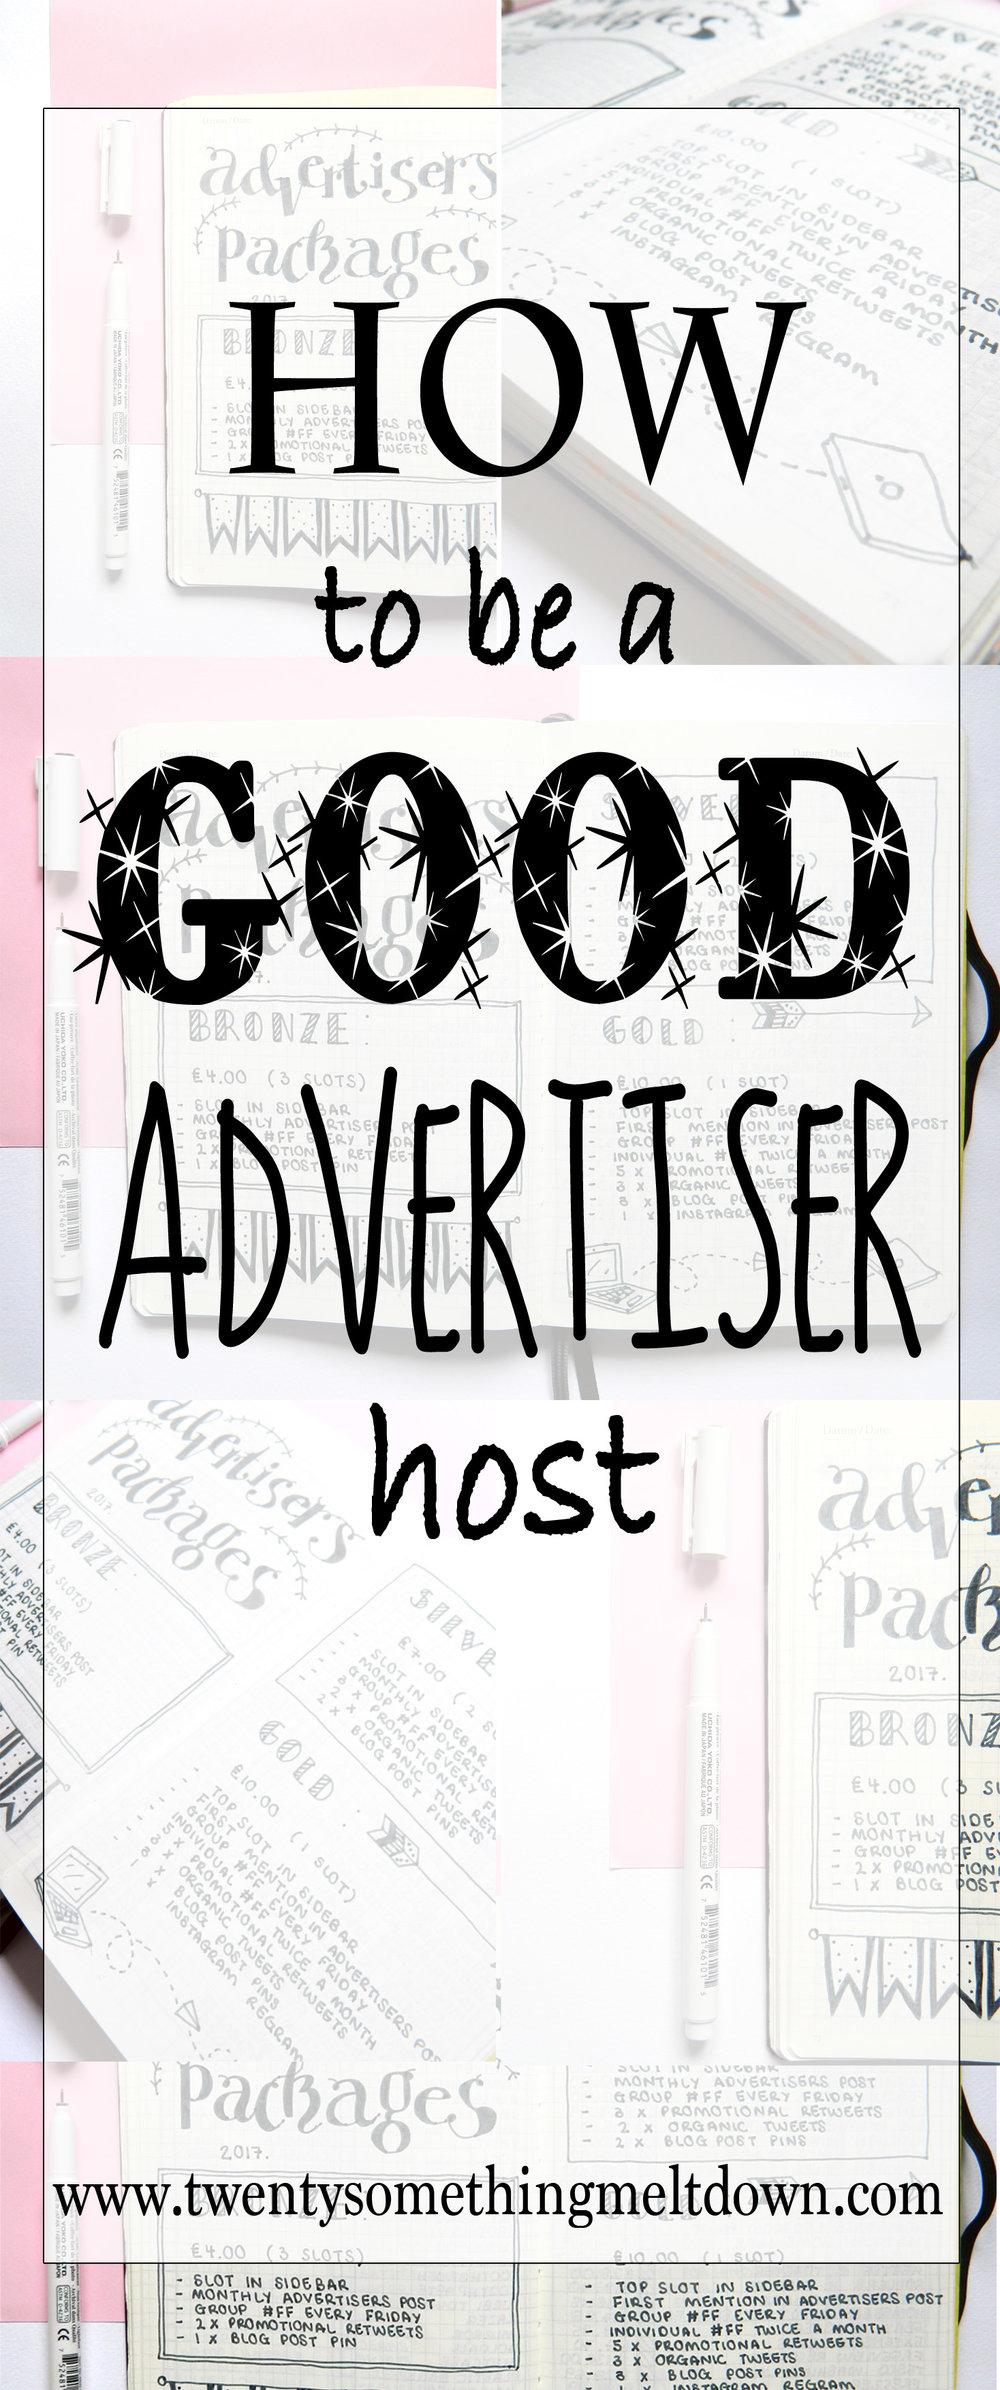 advertisingjhost.jpg